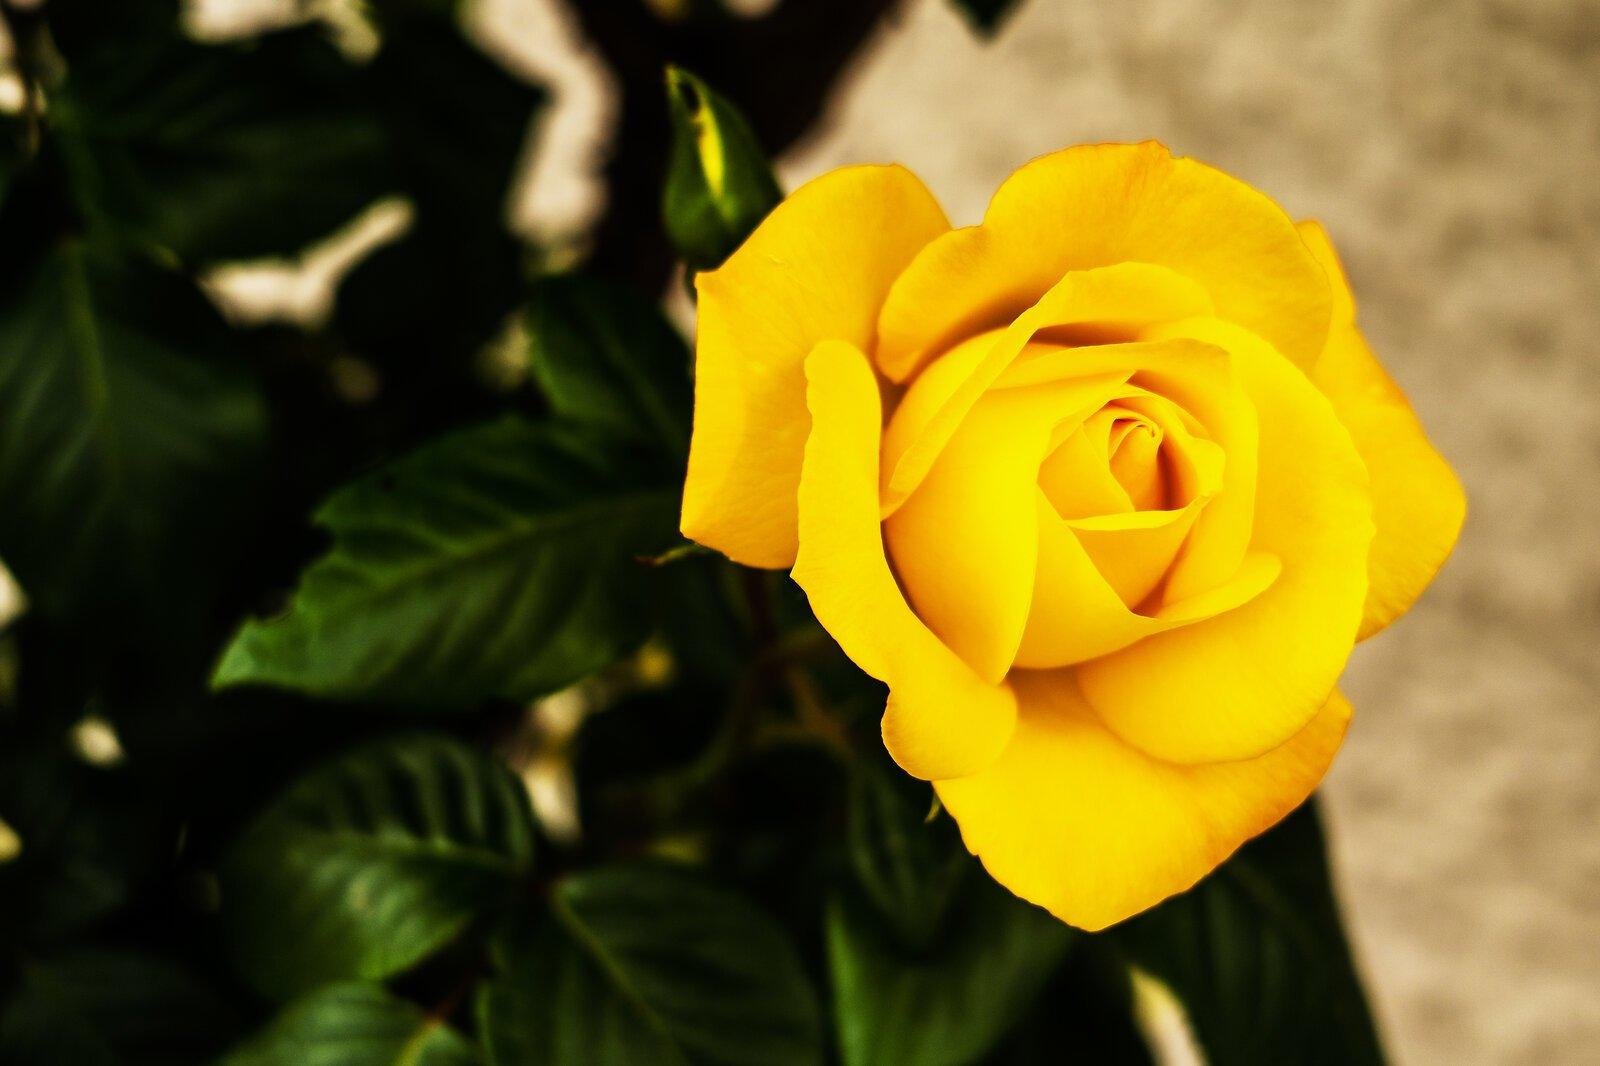 1Yellow rose.jpg